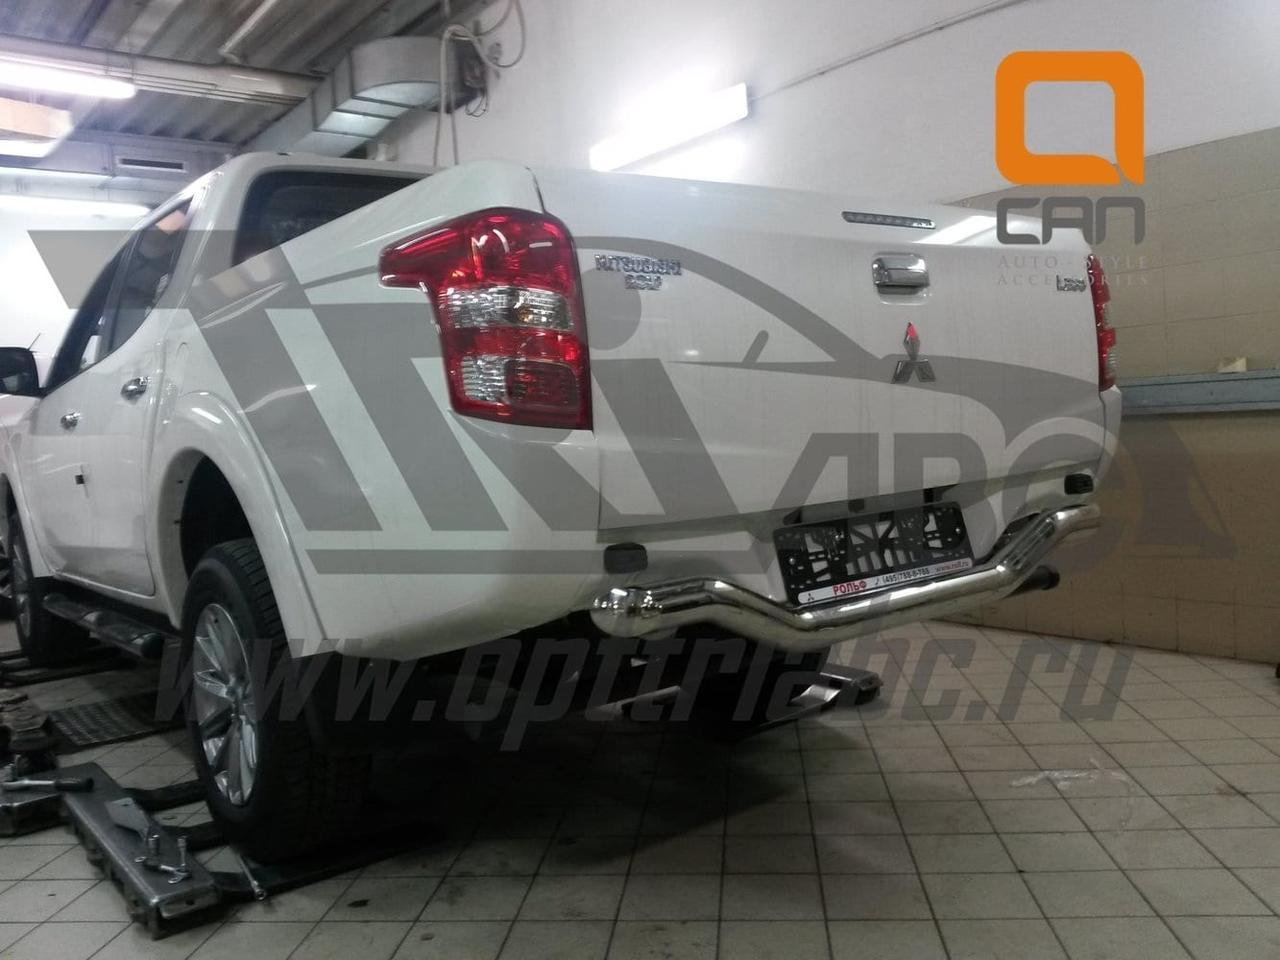 Защита заднего бампера Mitsubishi L200 (2016-) Fiat FullBack (одинарная волна) d70